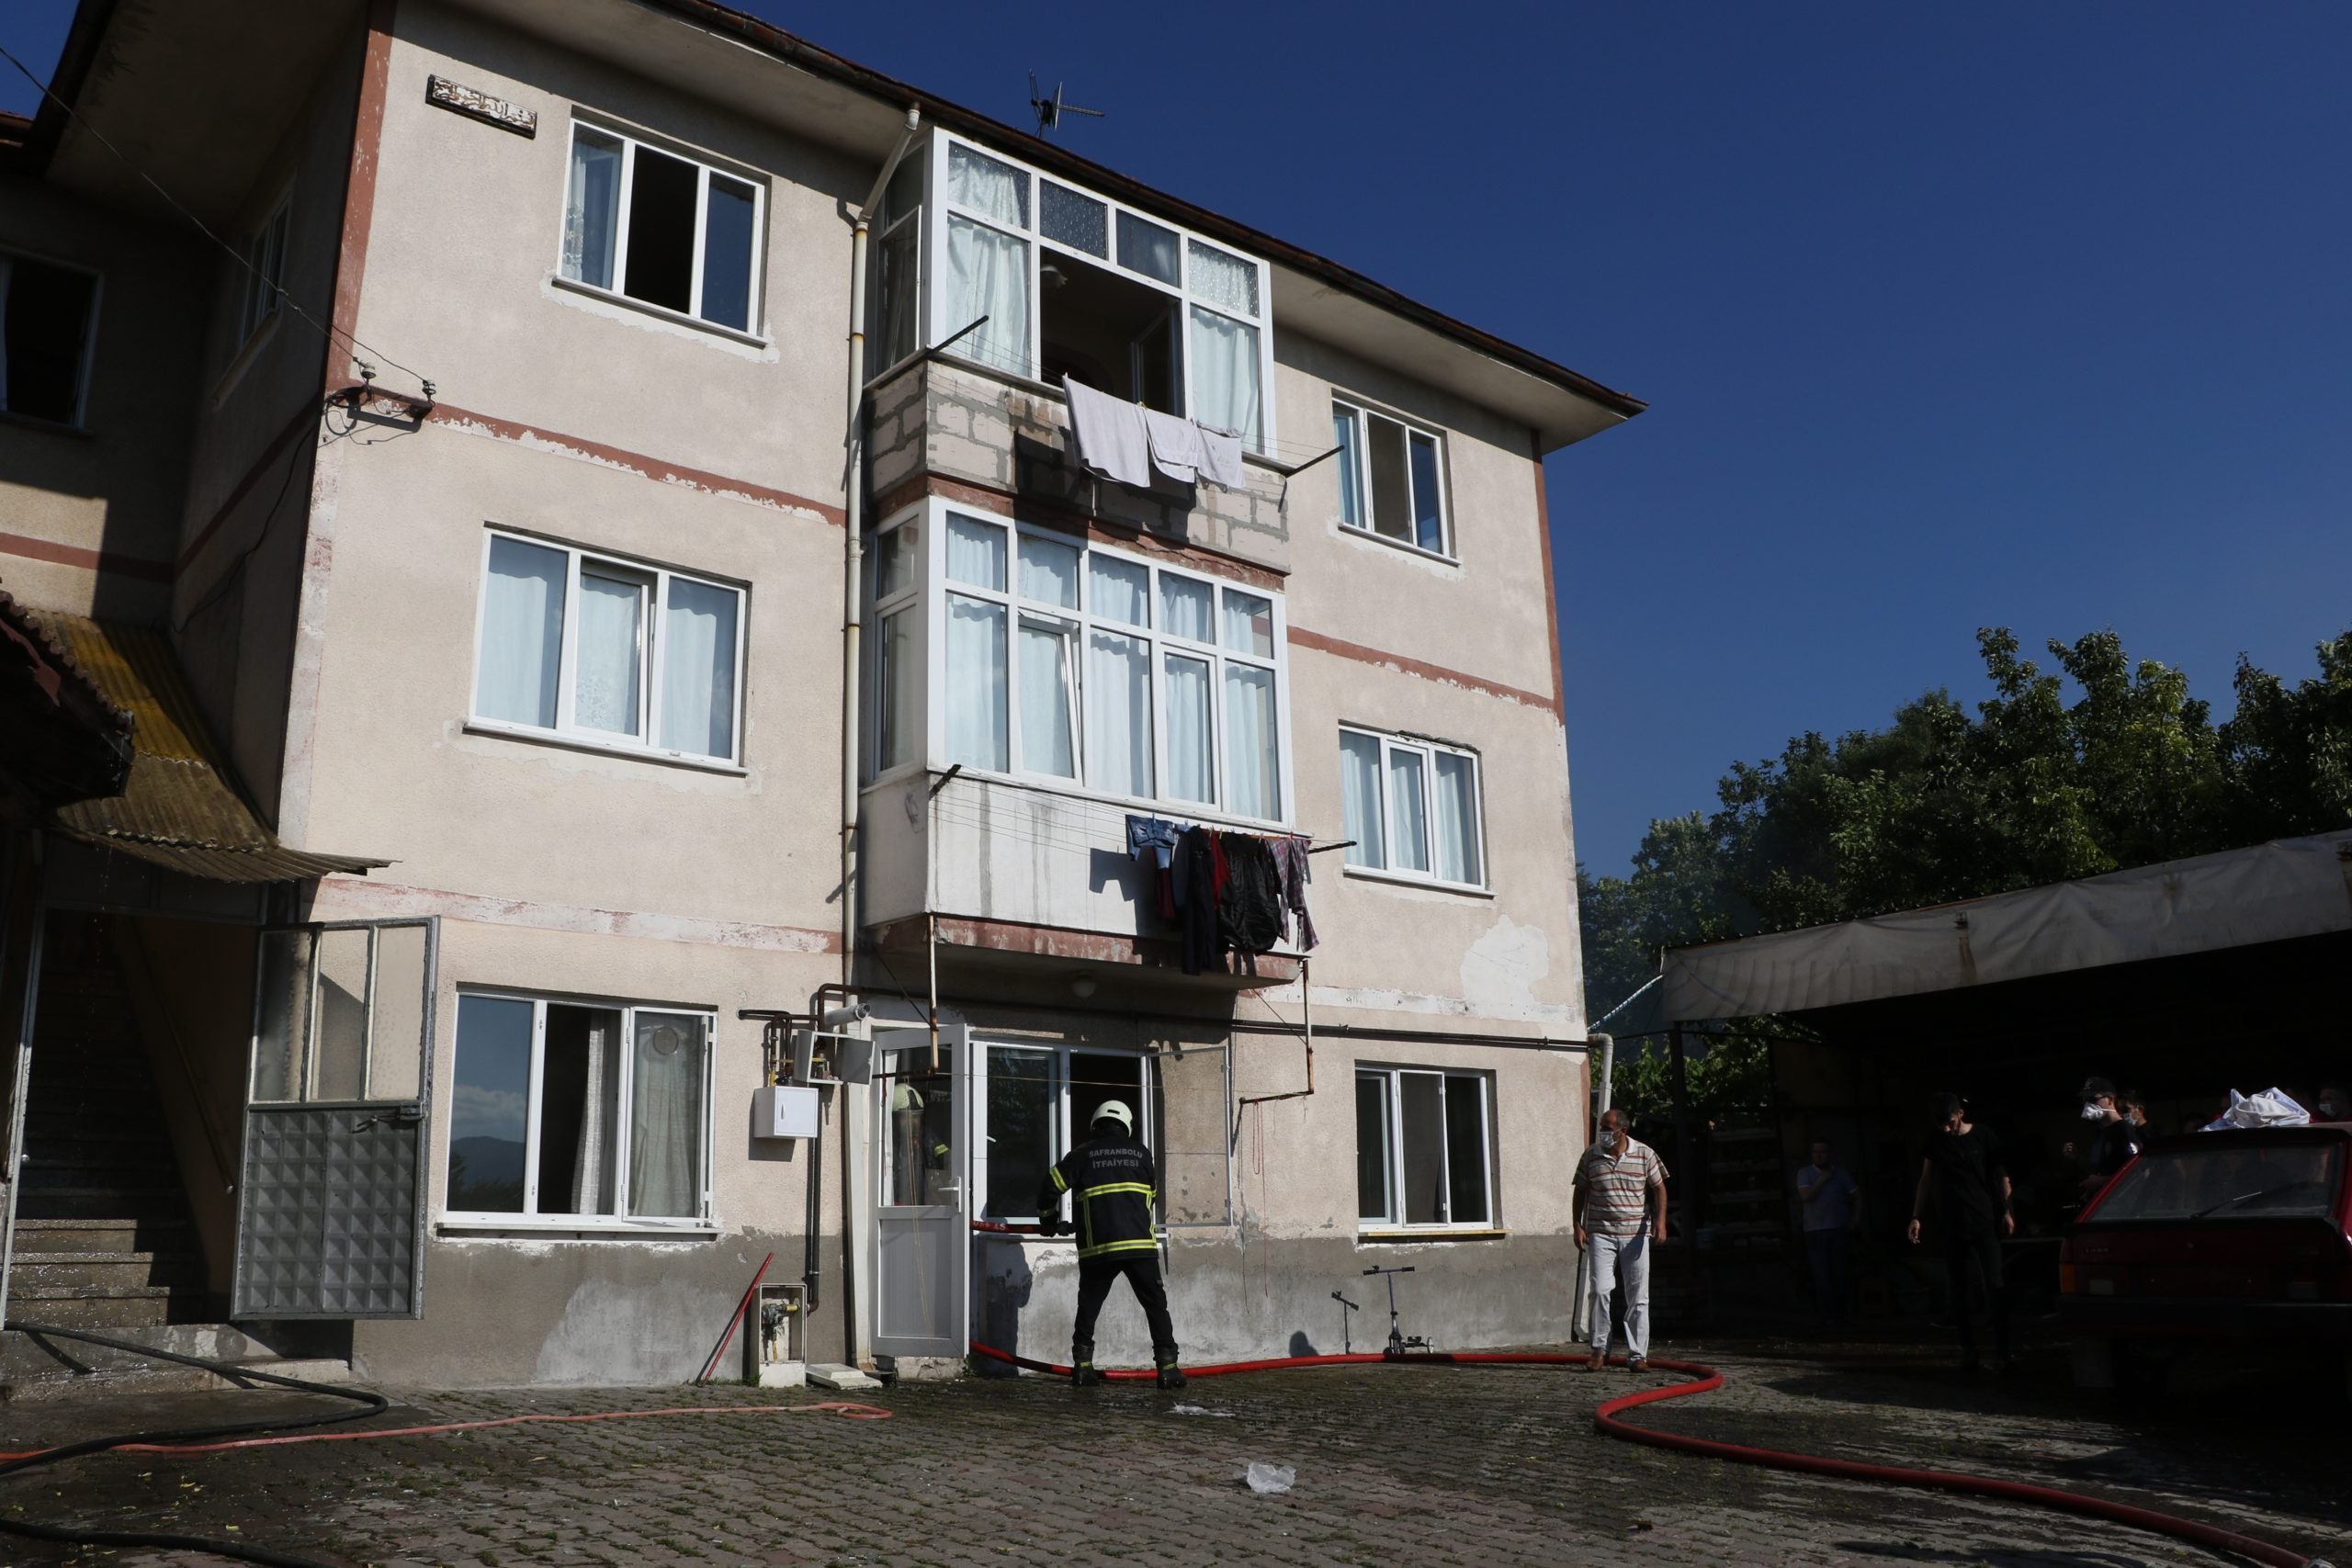 Müştemilattan 3 katlı binaya sıçrayan yangın korkuttu